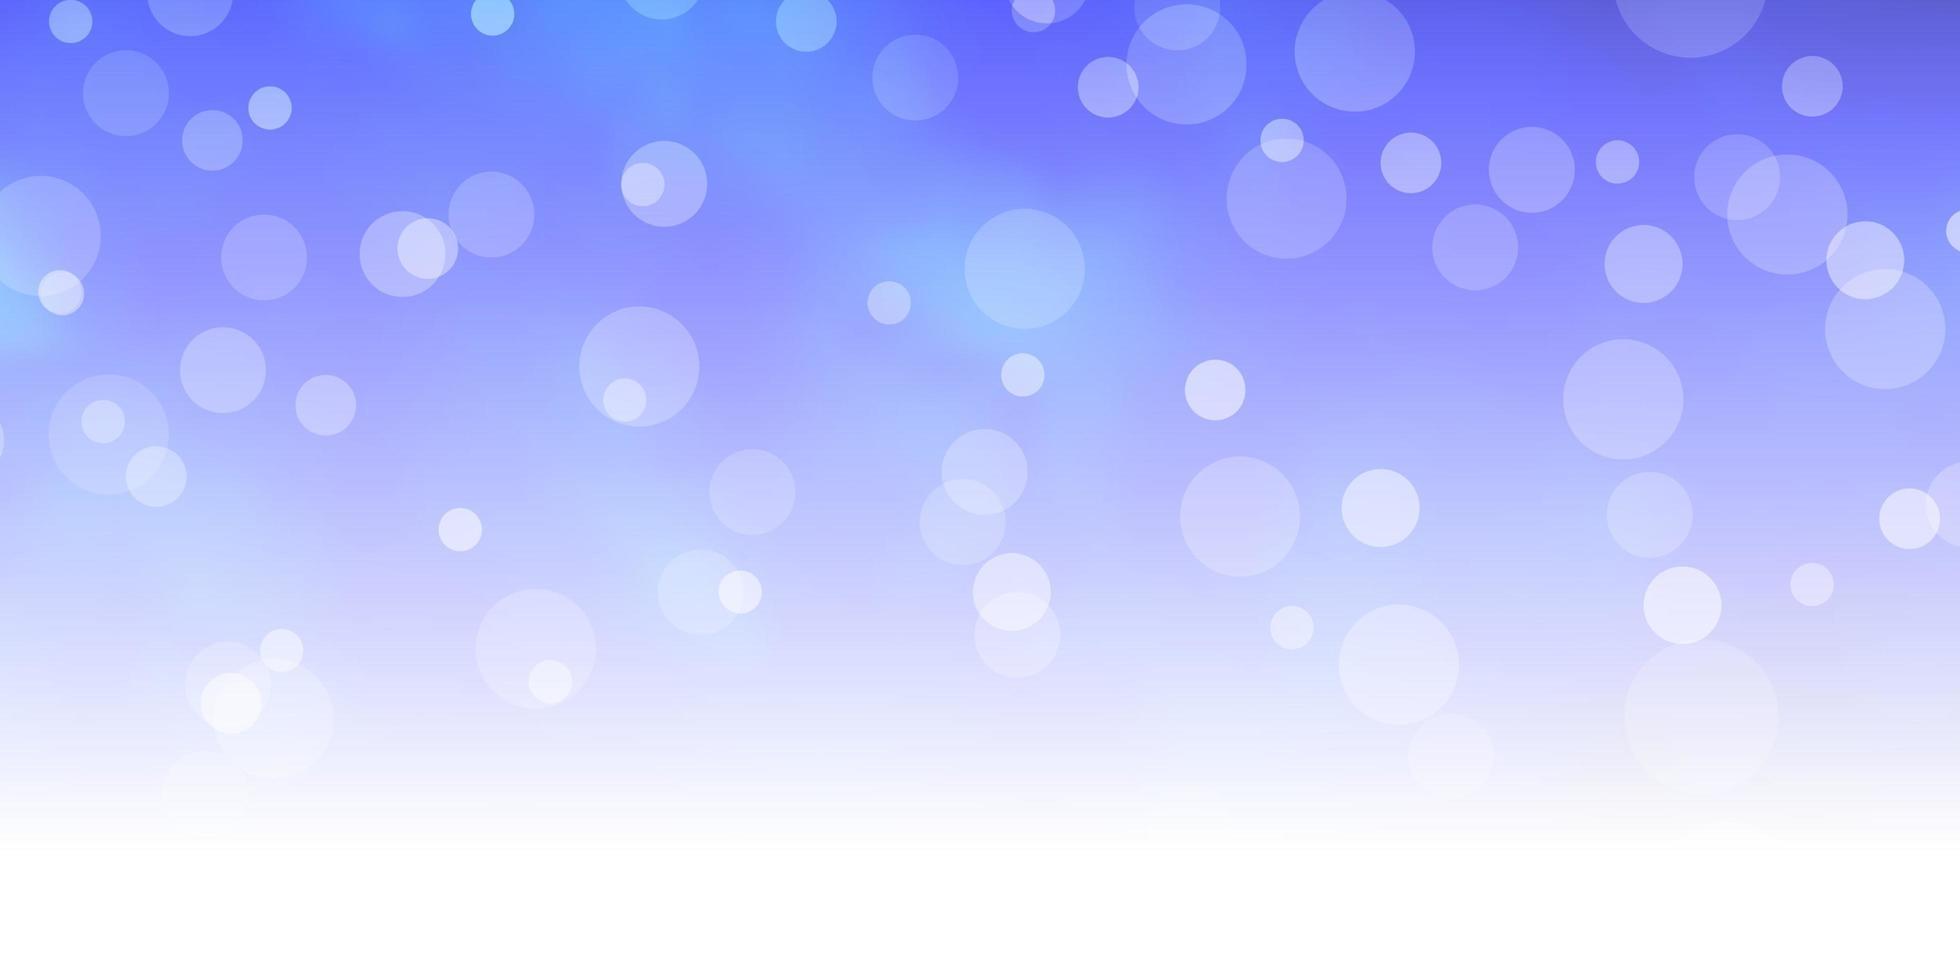 mörkblå vektorlayout med cirklar. vektor